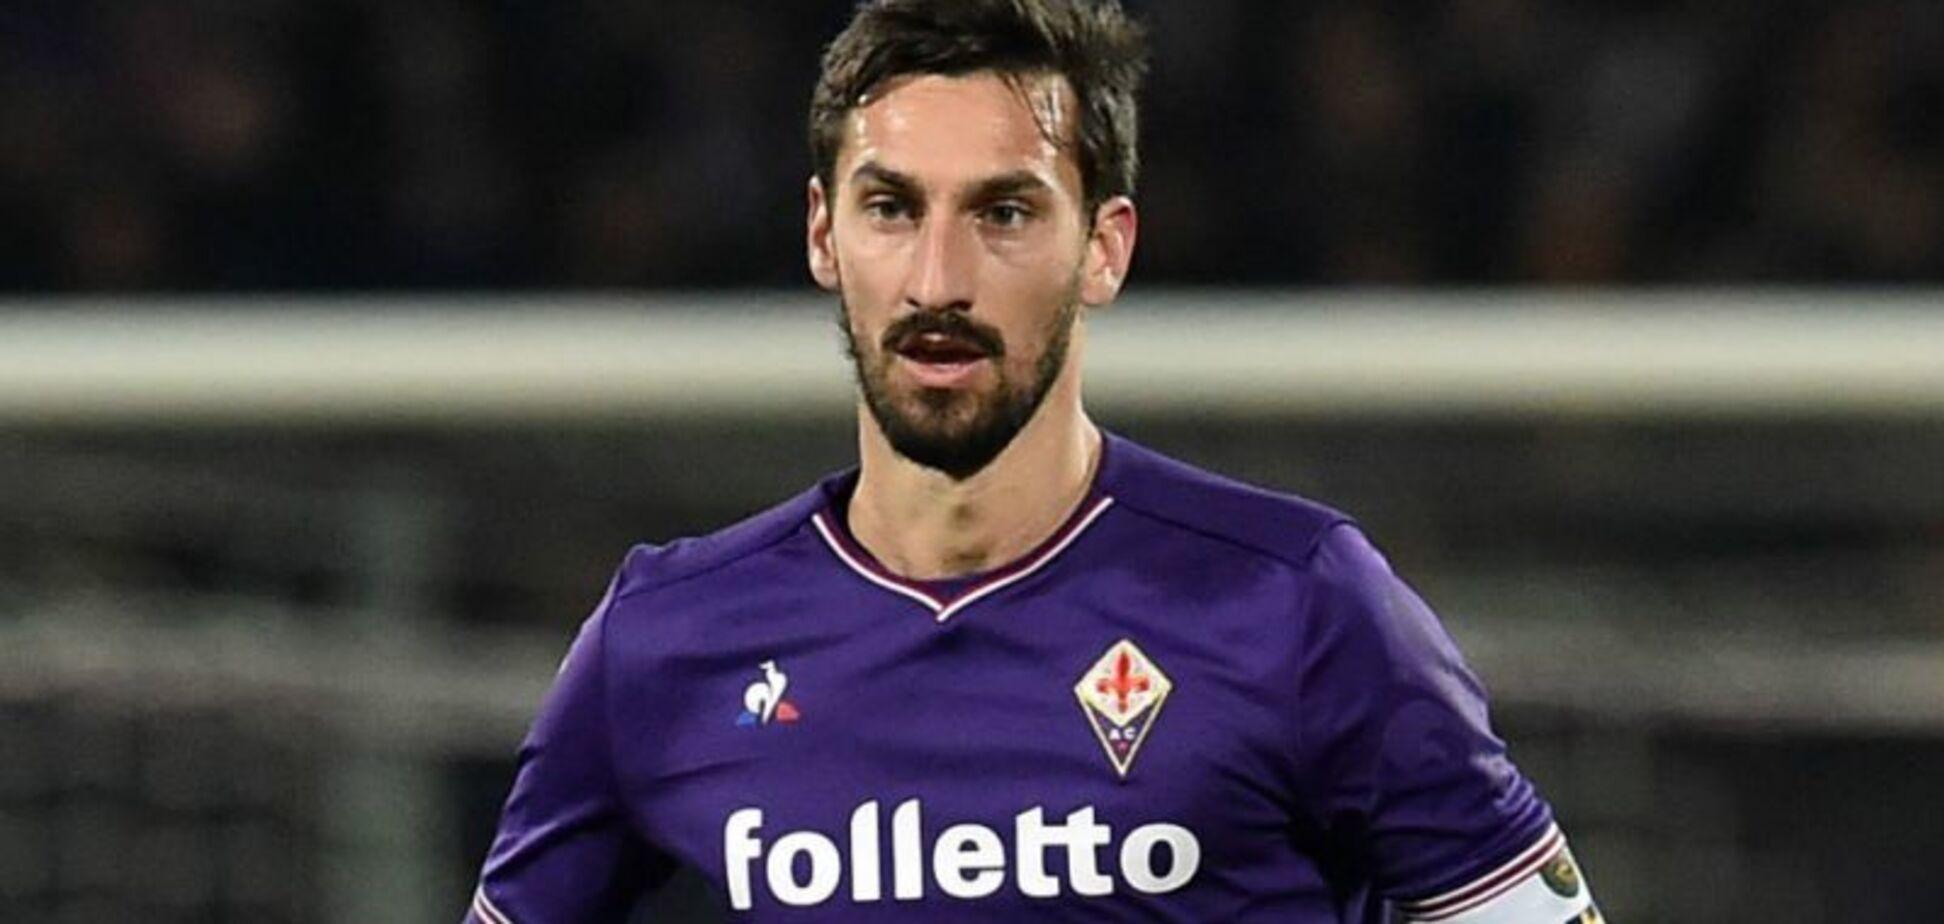 Врачей обвинили в убийстве футболиста сборной Италии